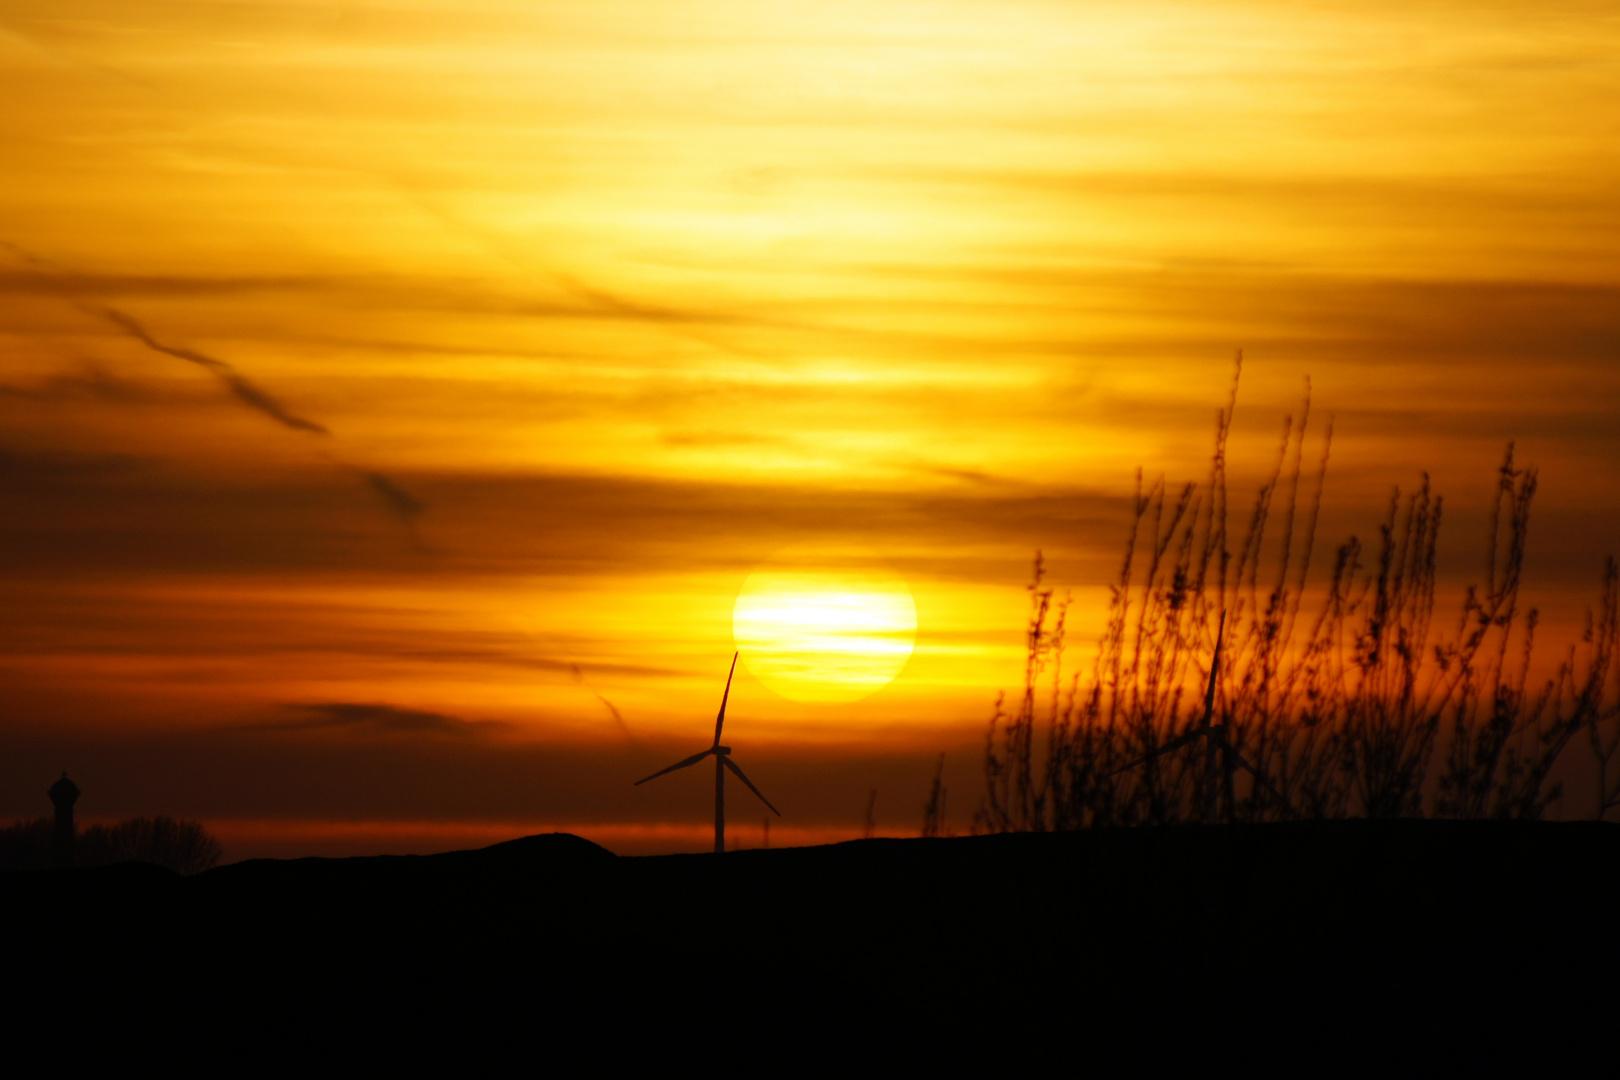 Sonnenuntergang im Tagebau